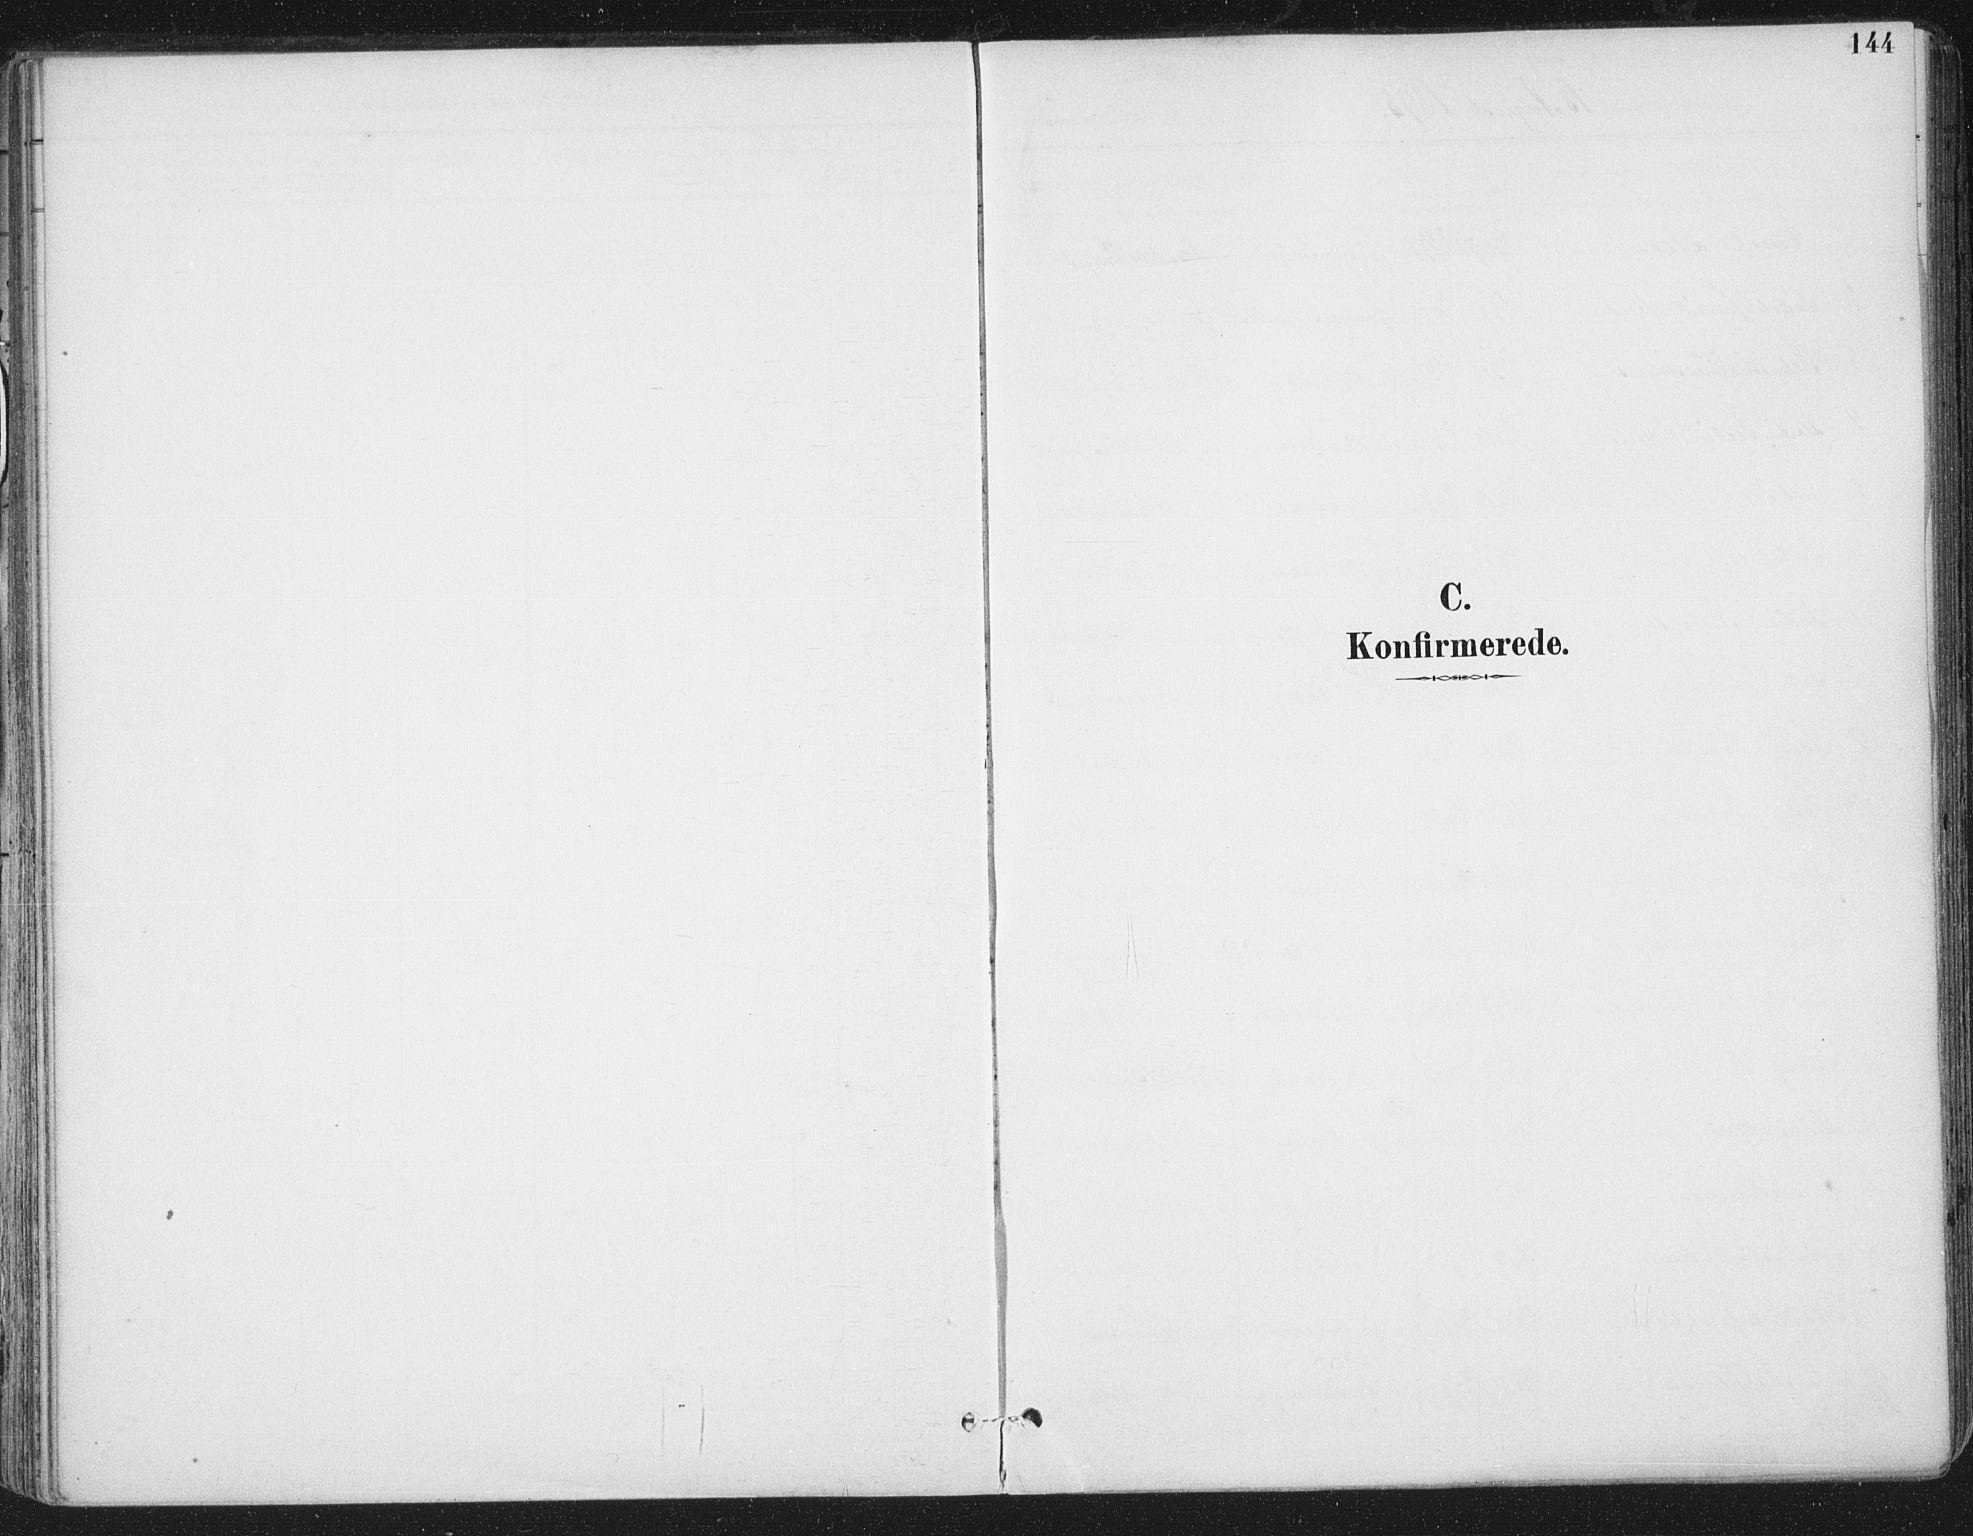 SAT, Ministerialprotokoller, klokkerbøker og fødselsregistre - Sør-Trøndelag, 659/L0743: Ministerialbok nr. 659A13, 1893-1910, s. 144